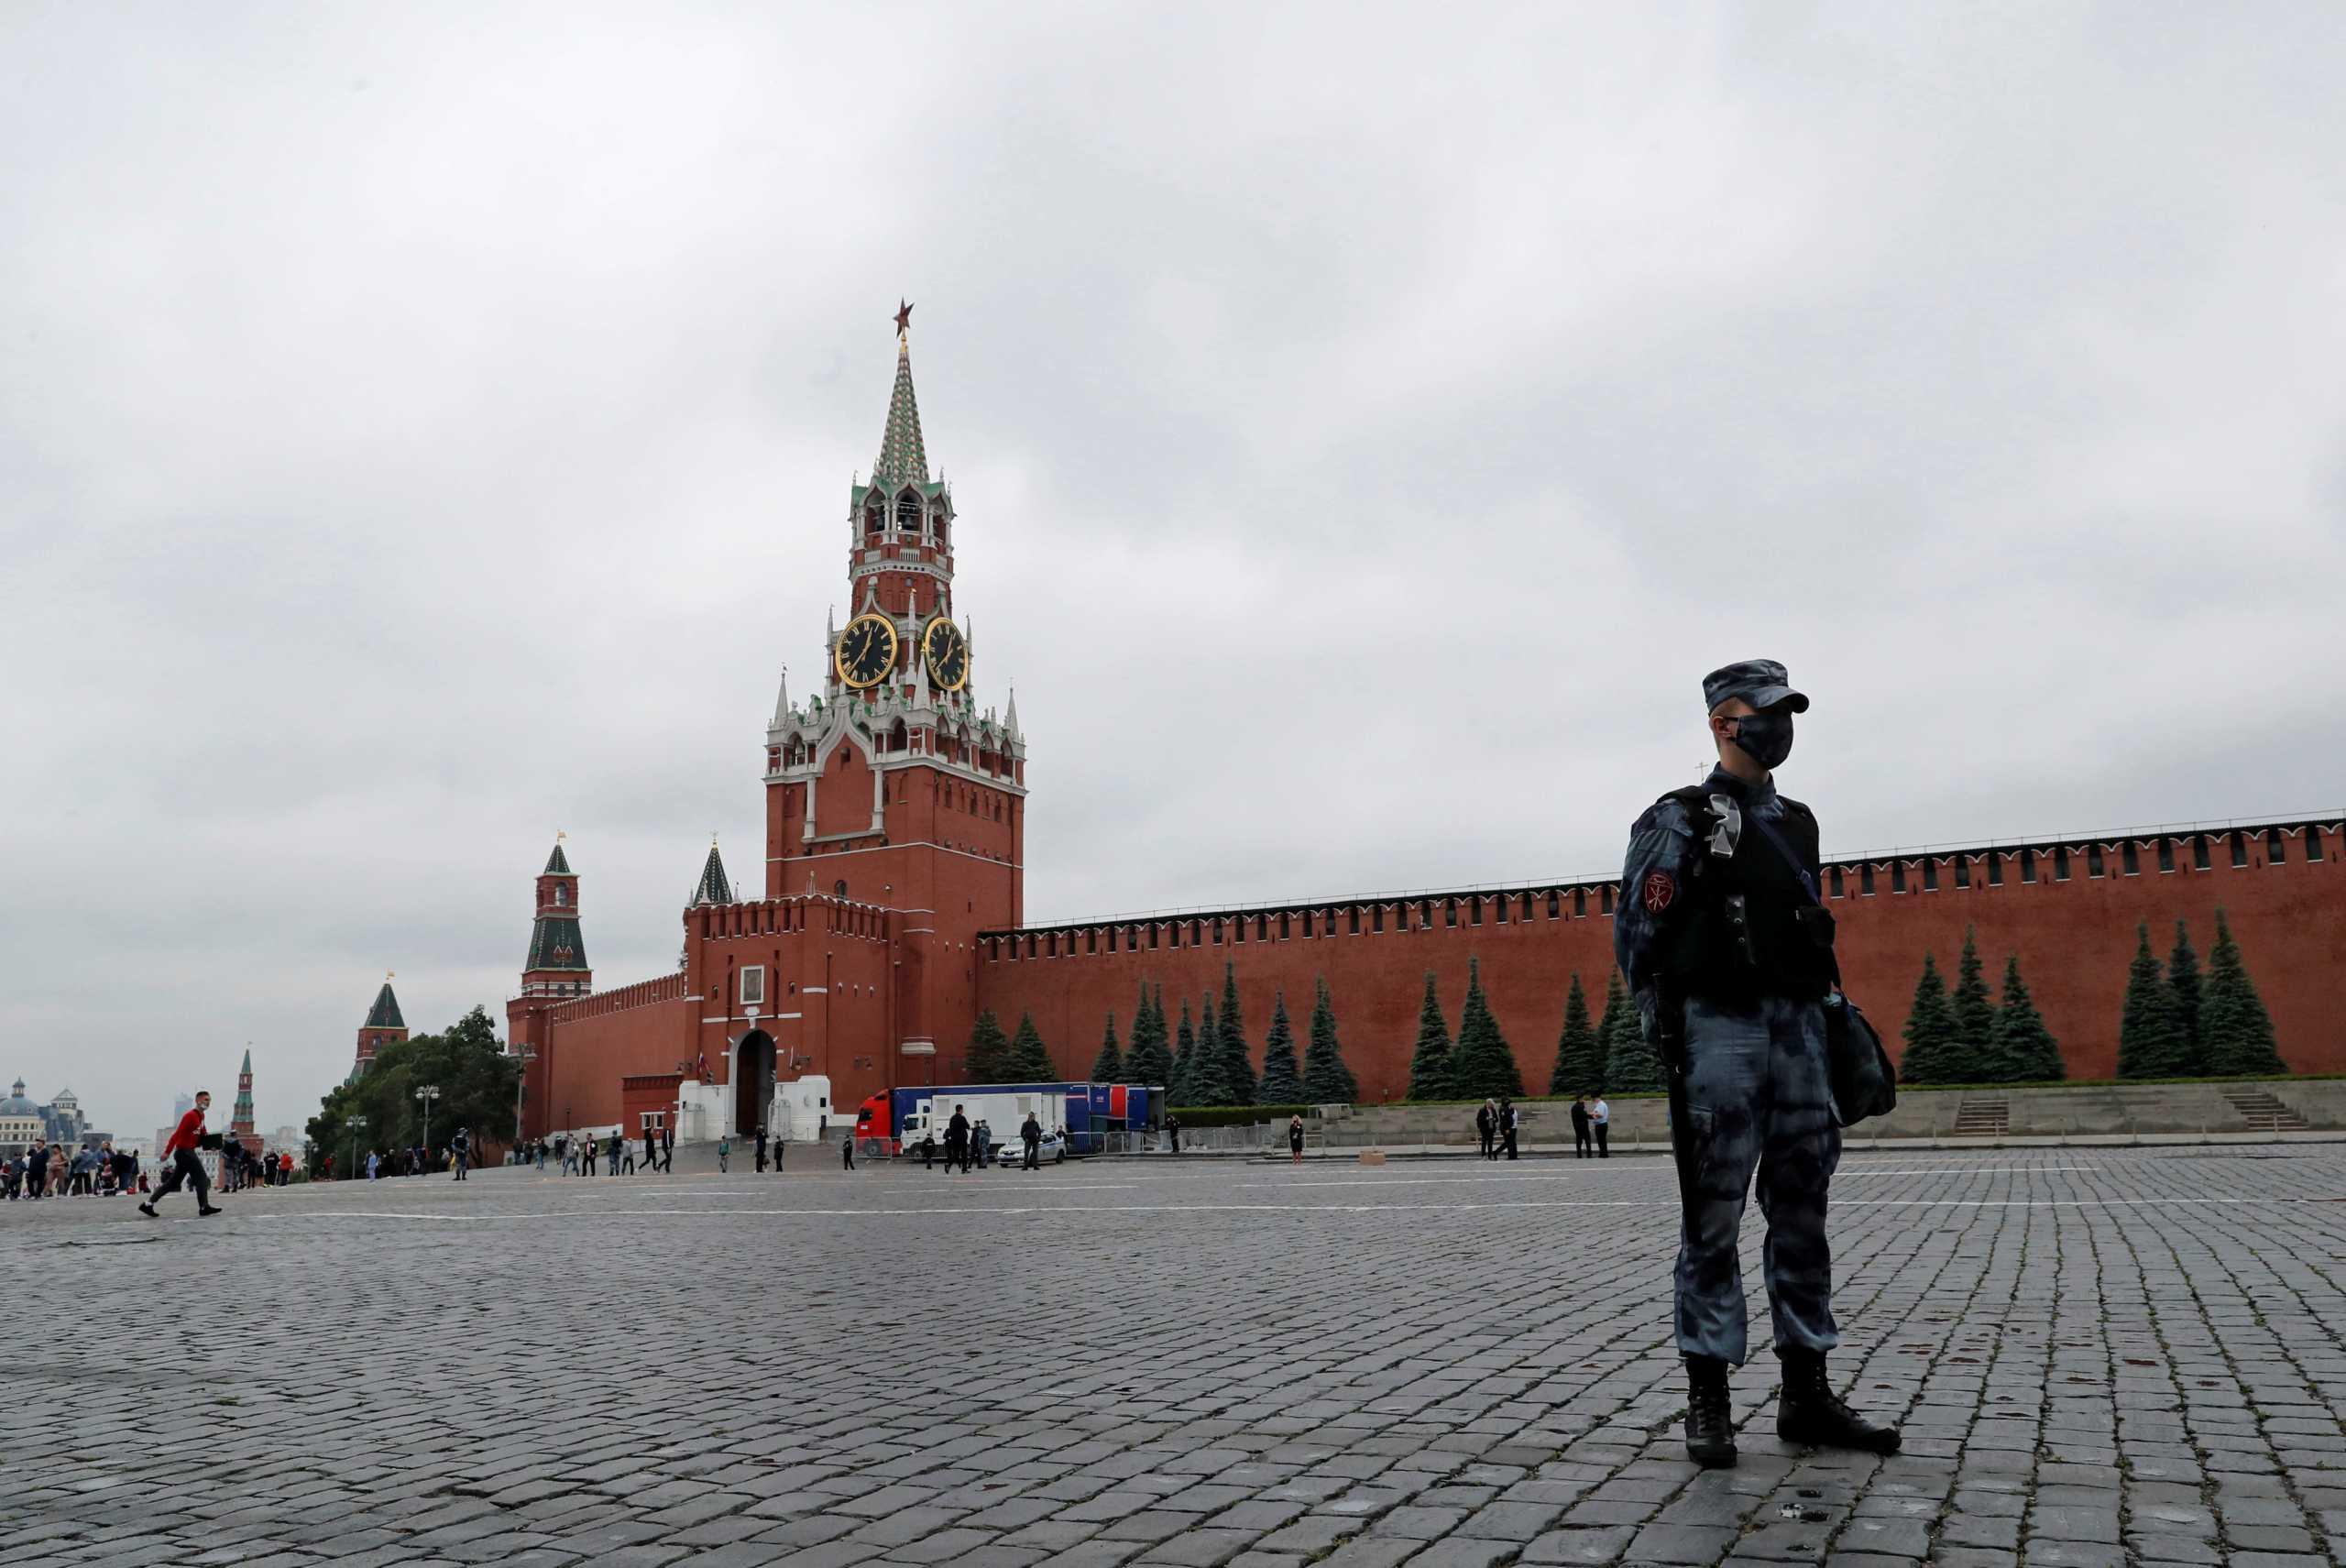 Ρωσία κορονοϊός: 24.000 κρούσματα και 799 νεκροί σε μία μέρα